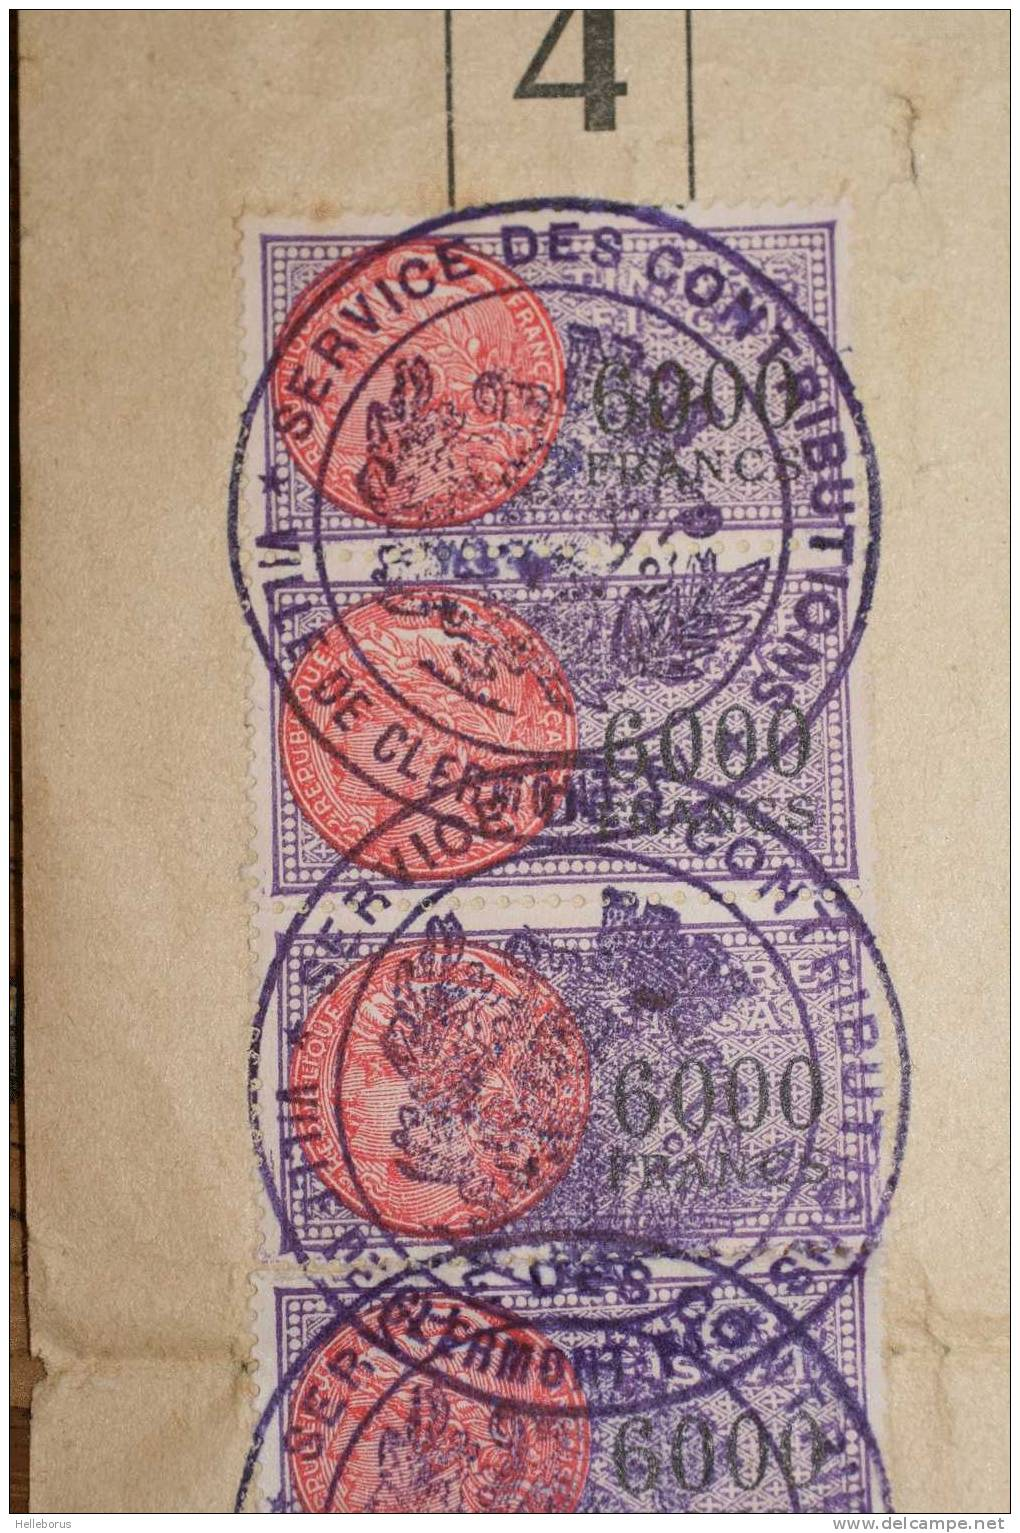 TRES RARE - DAUSSY 6000F N°YT317 - CLERMONT FERRAND Puy De Dôme 5 Exemplaires Sur Document Débit De Boissons De 1958 - Fiscaux